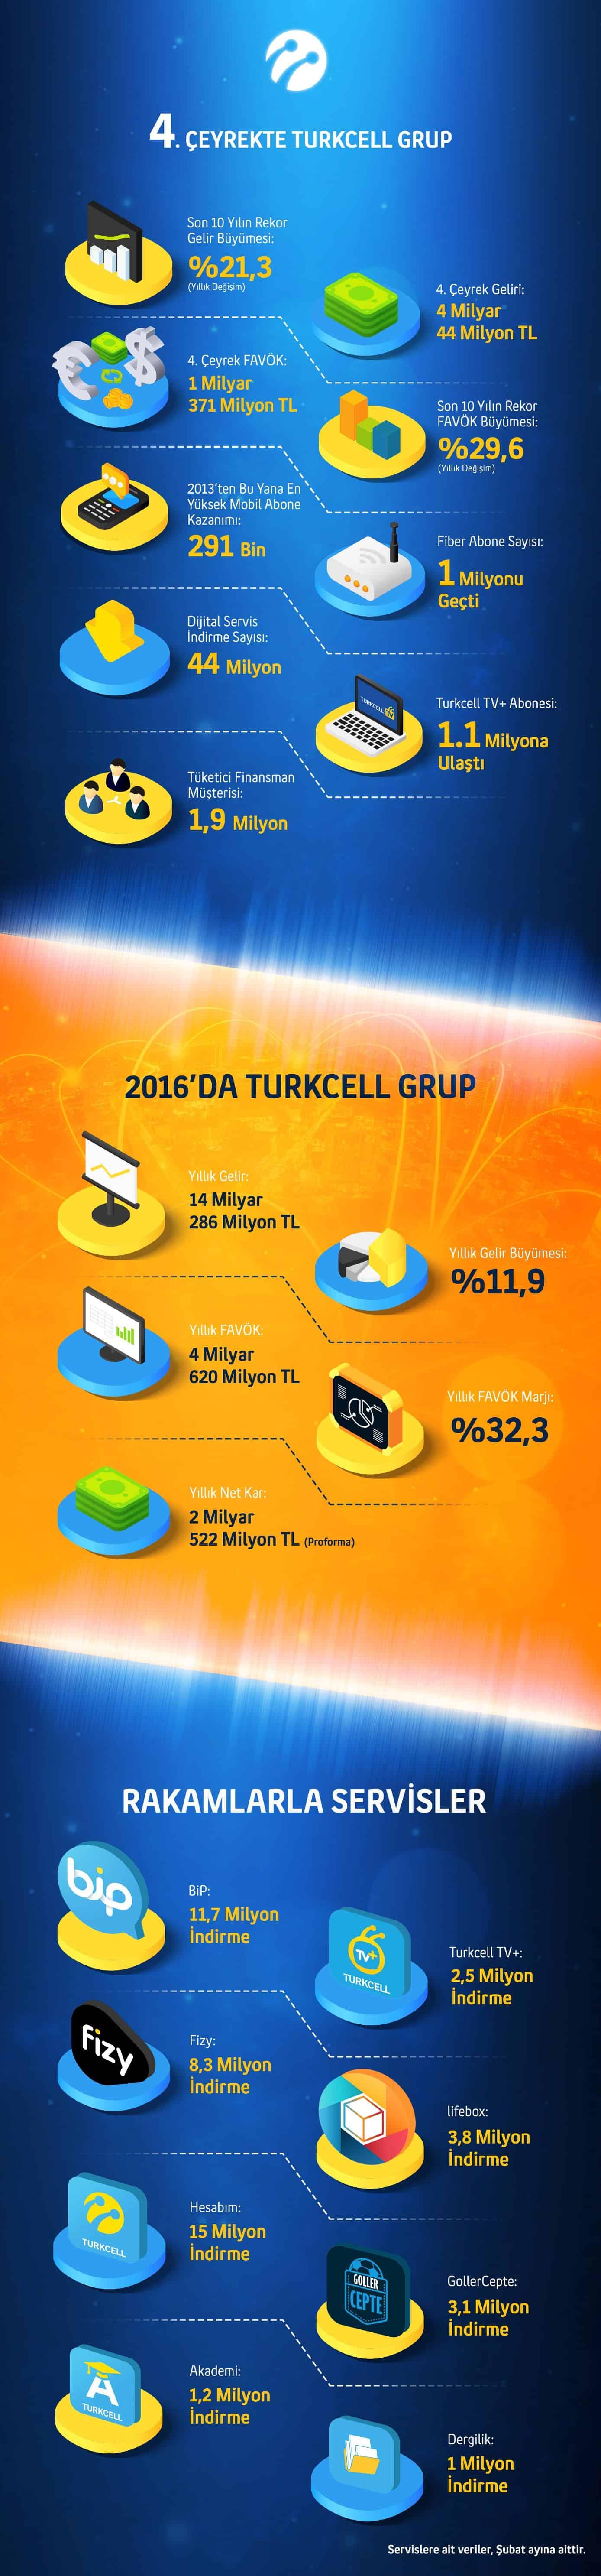 turkcell_q4_